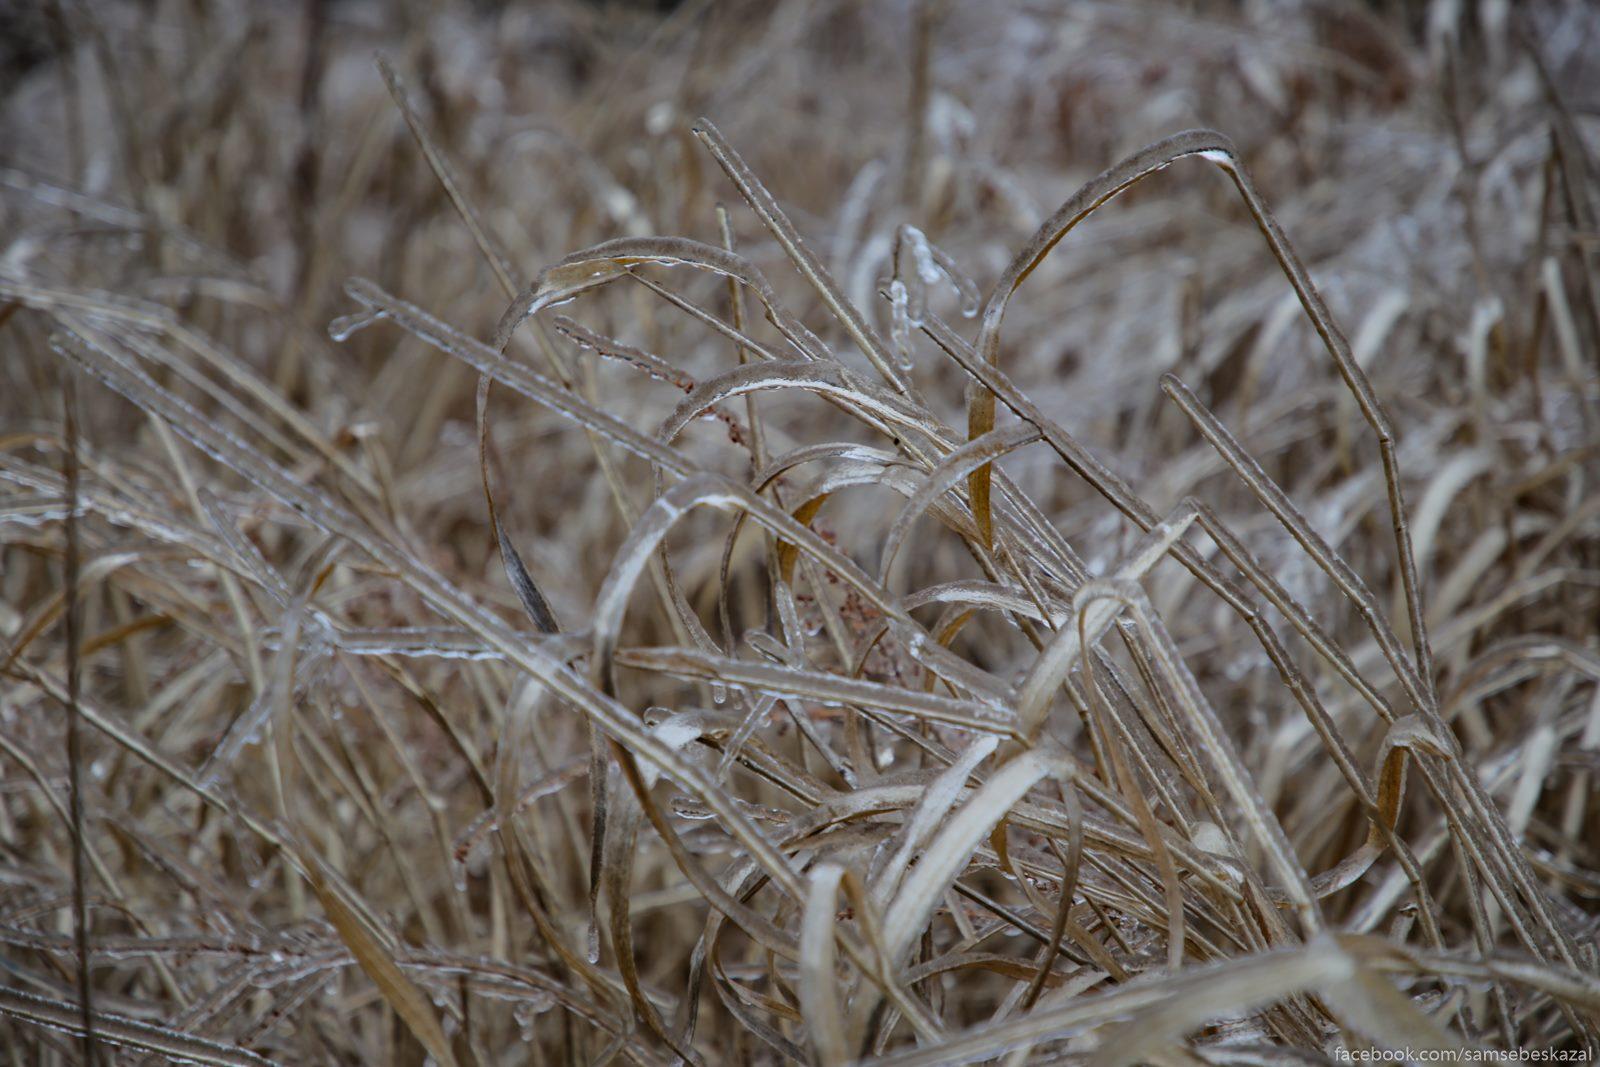 Vysokaa trava budto iz...